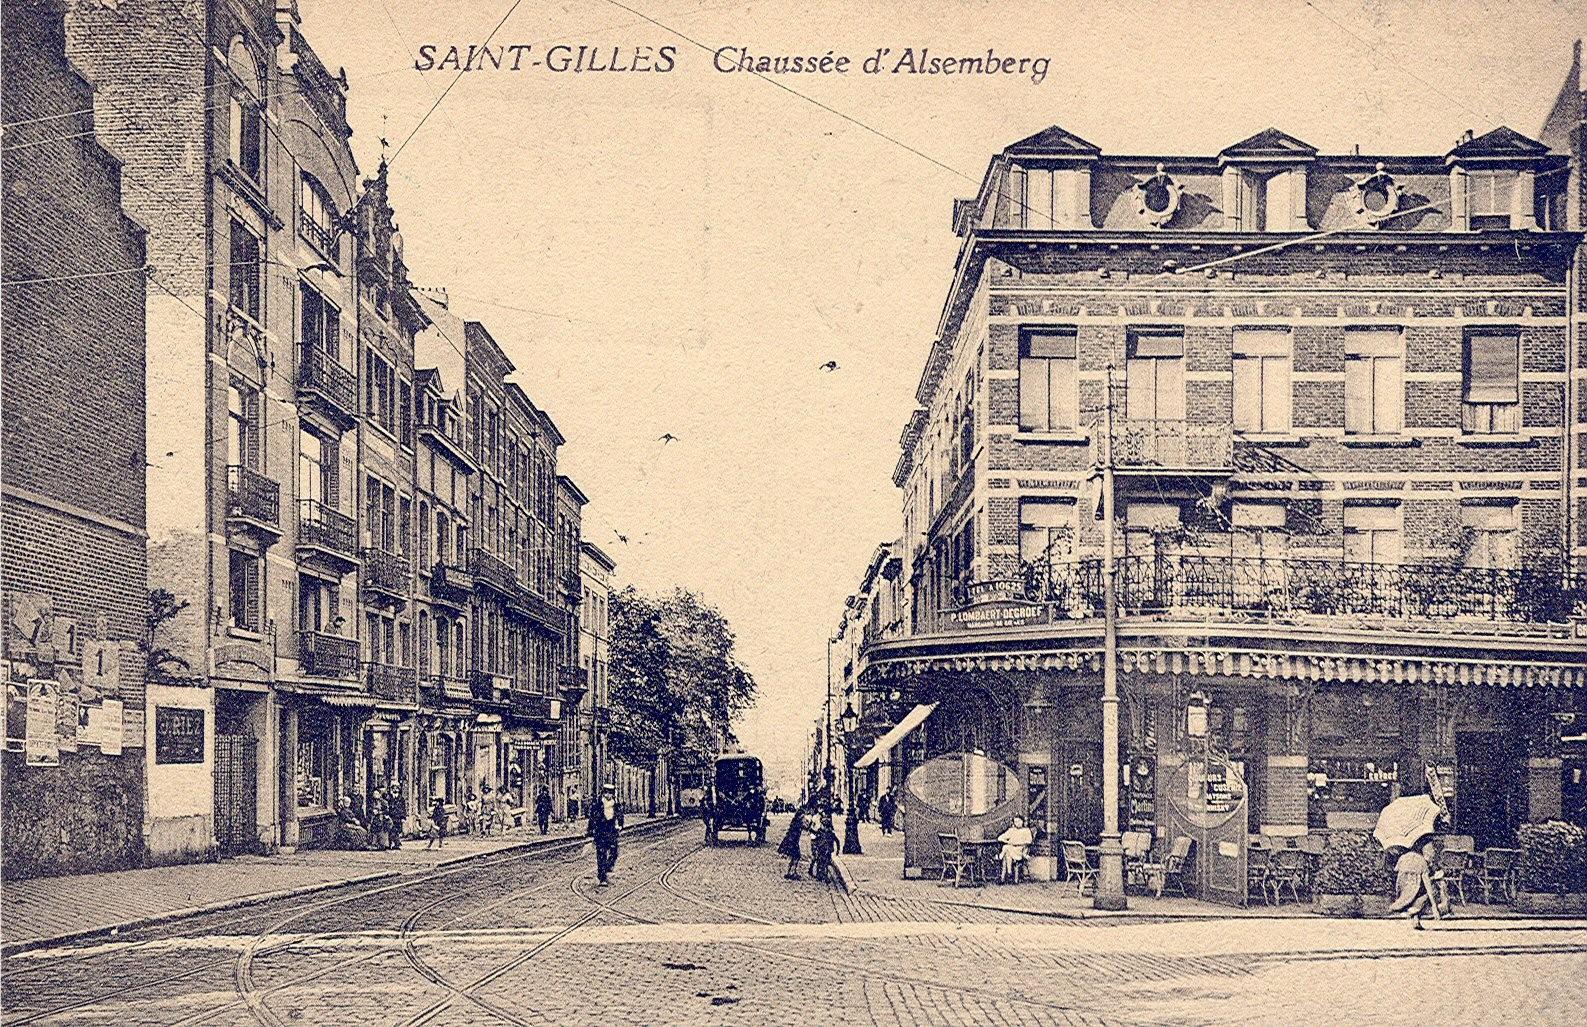 Alsembergsesteenweg (Verzameling van Dexia Bank, ca 1930).